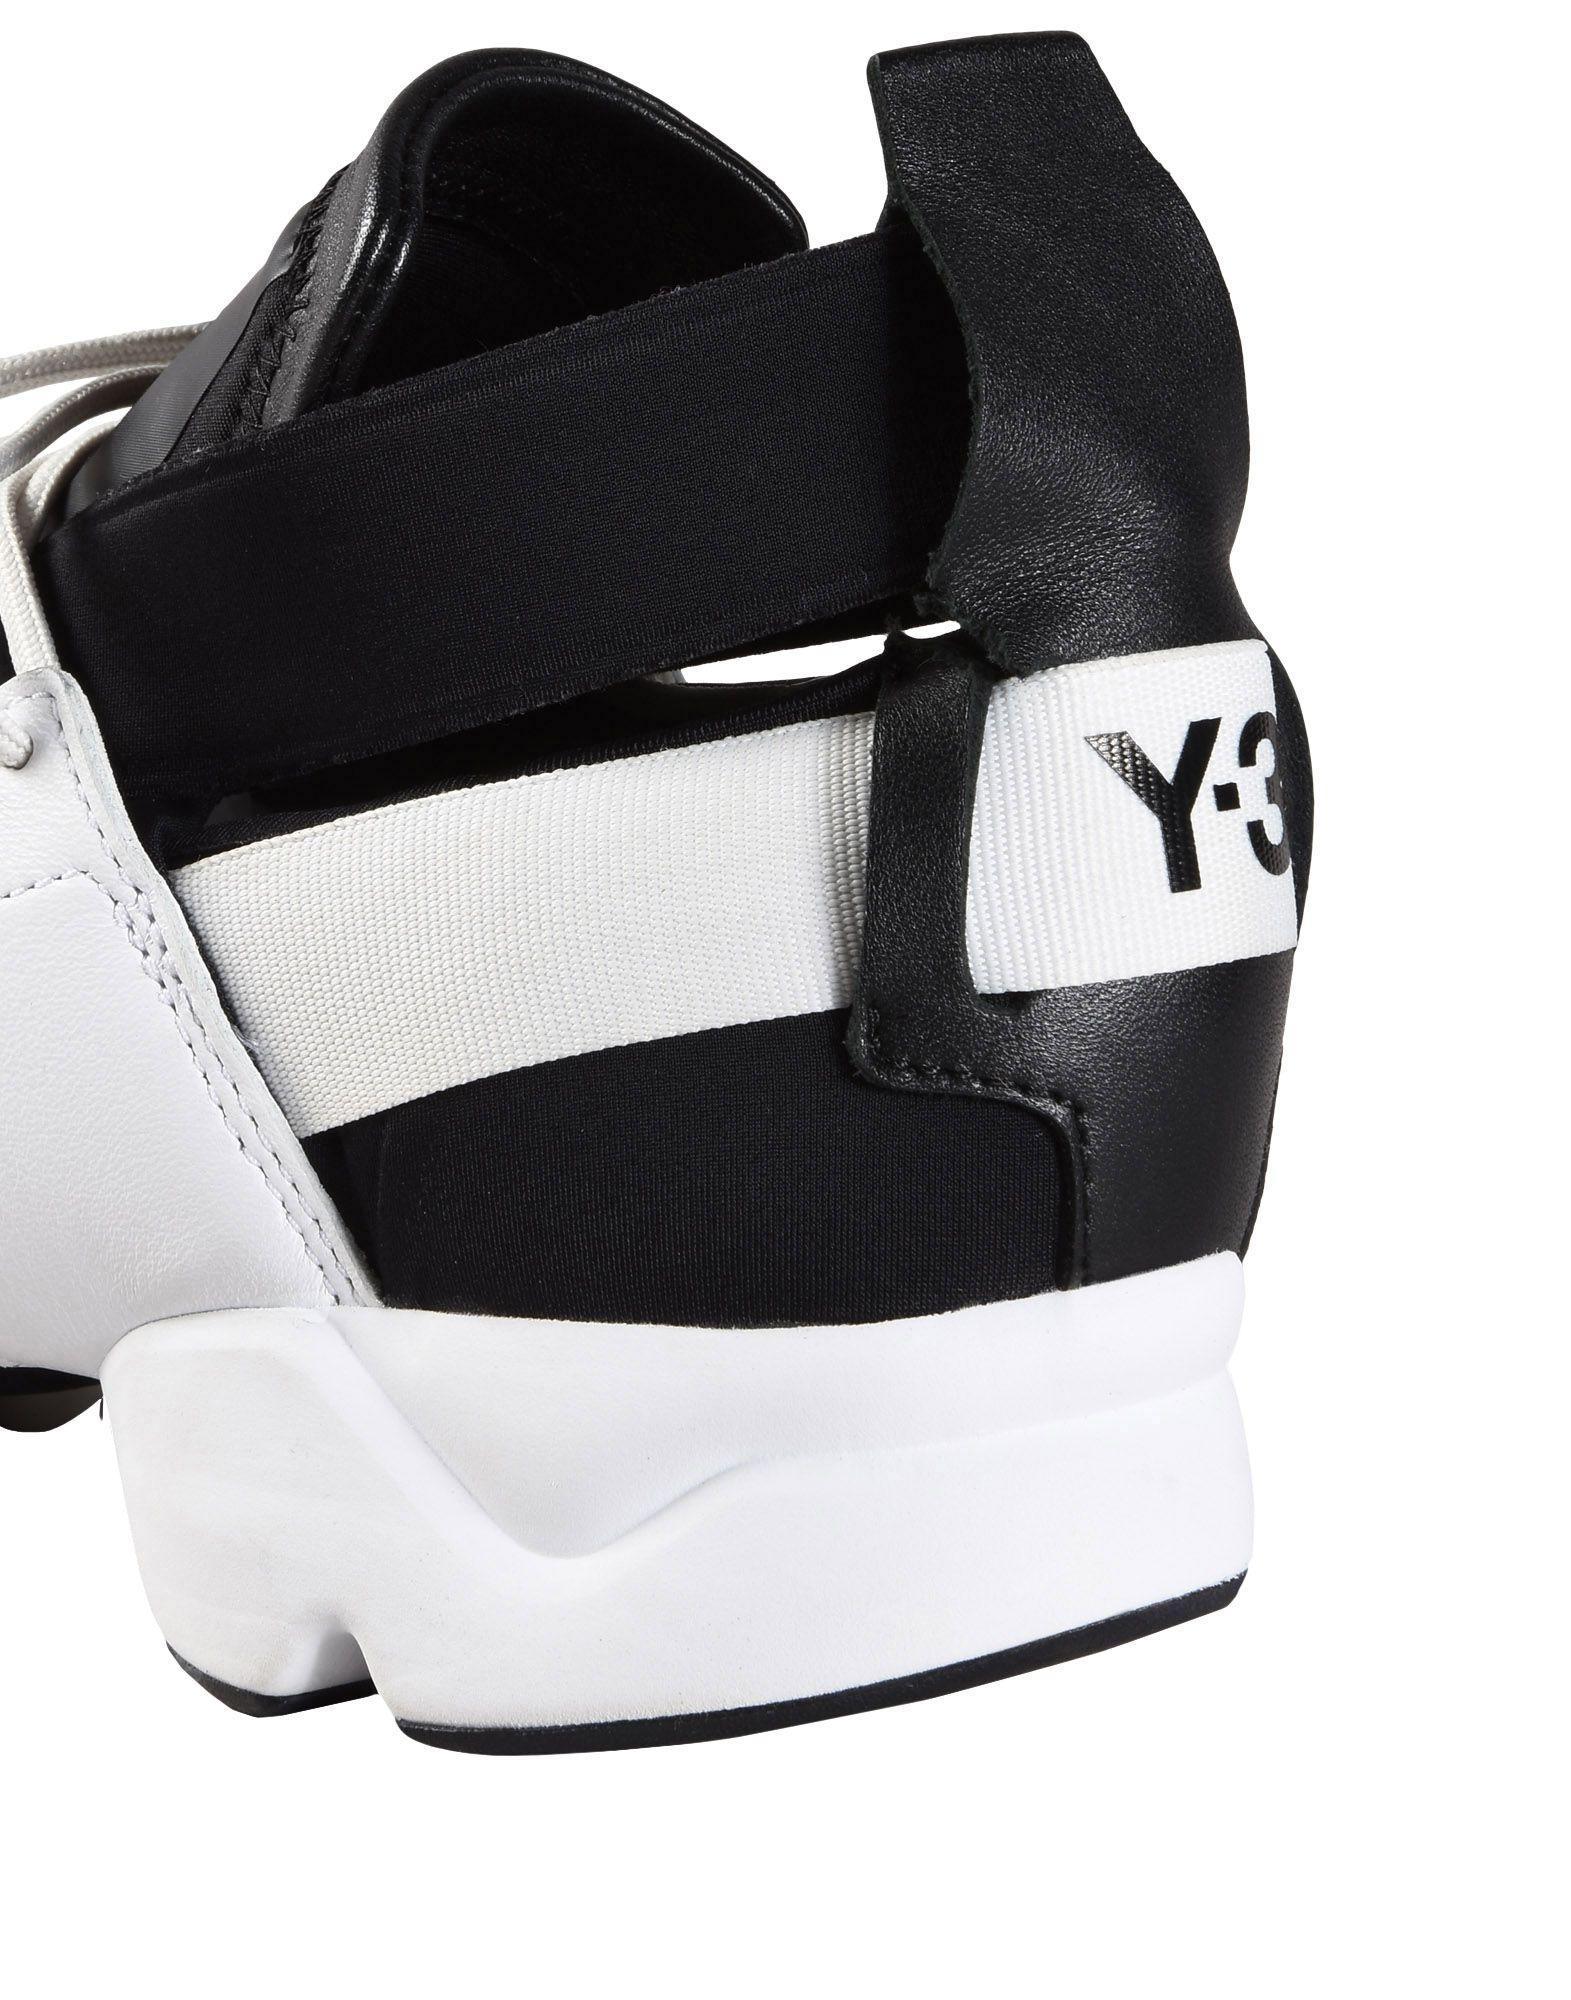 Y-3 KYDO SHOES unisex Y-3 adidas